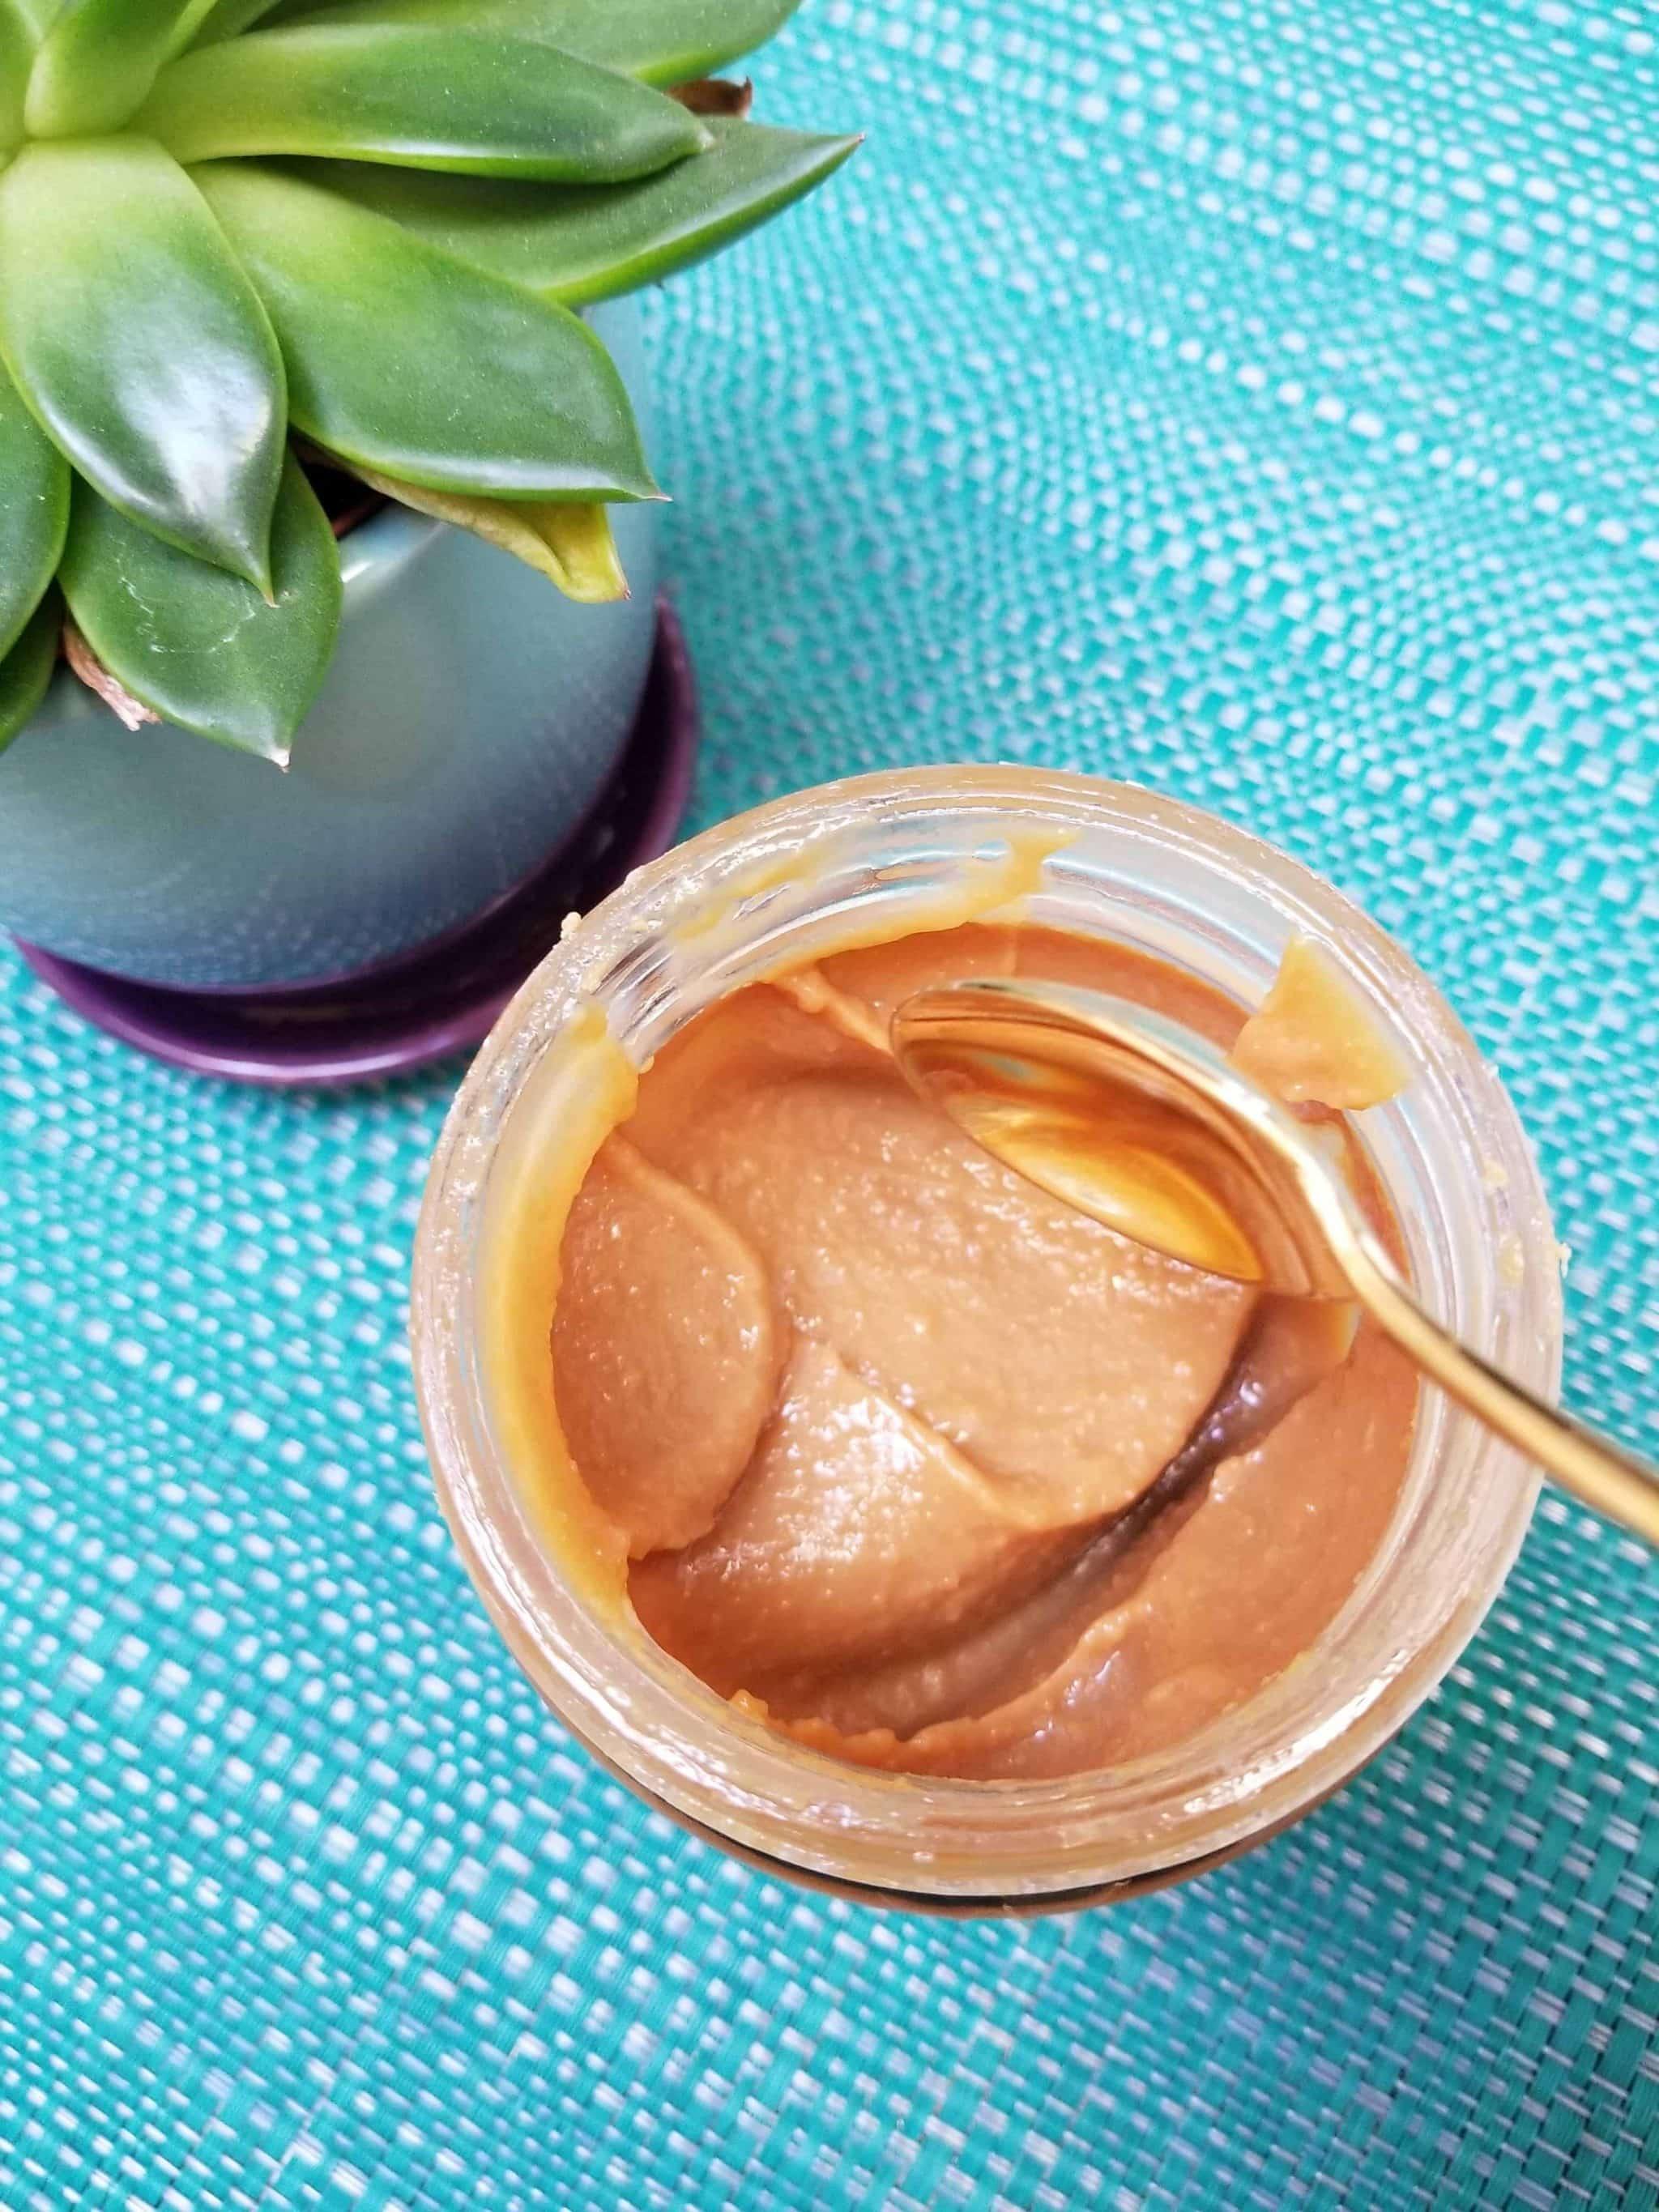 Instant Pot dulce de leche | Homemade Caramel | Fabulous homemade hostess gift